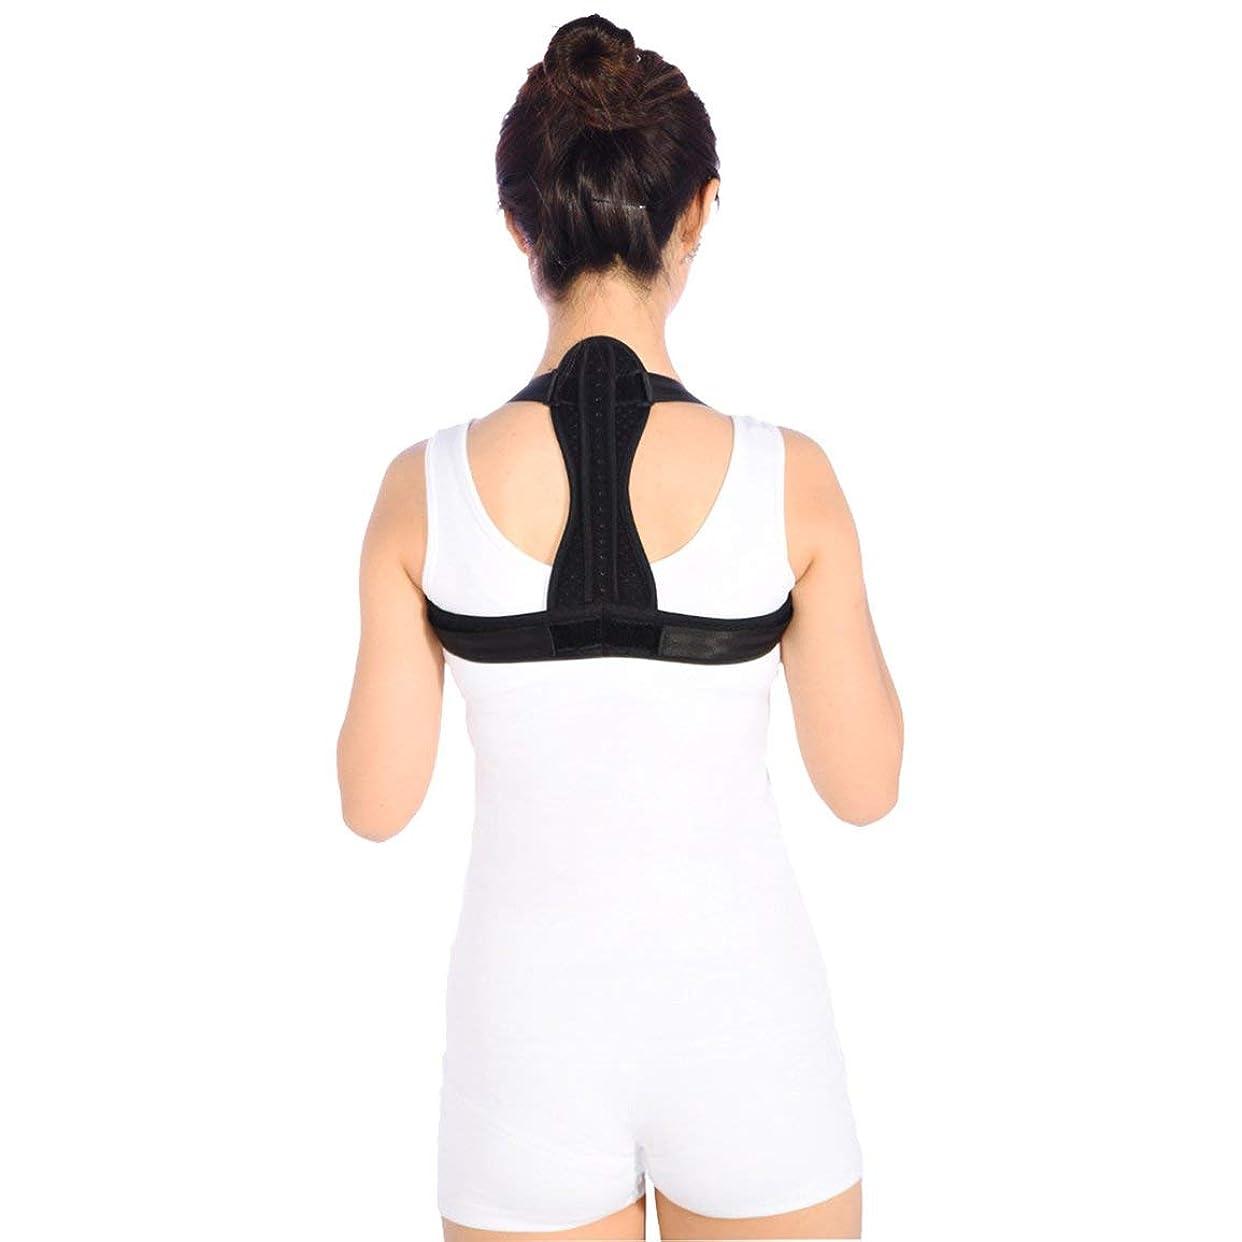 機動震える未接続通気性の脊柱側弯症ザトウクジラ補正ベルト調節可能な快適さ目に見えないベルト男性女性大人学生子供 - 黒